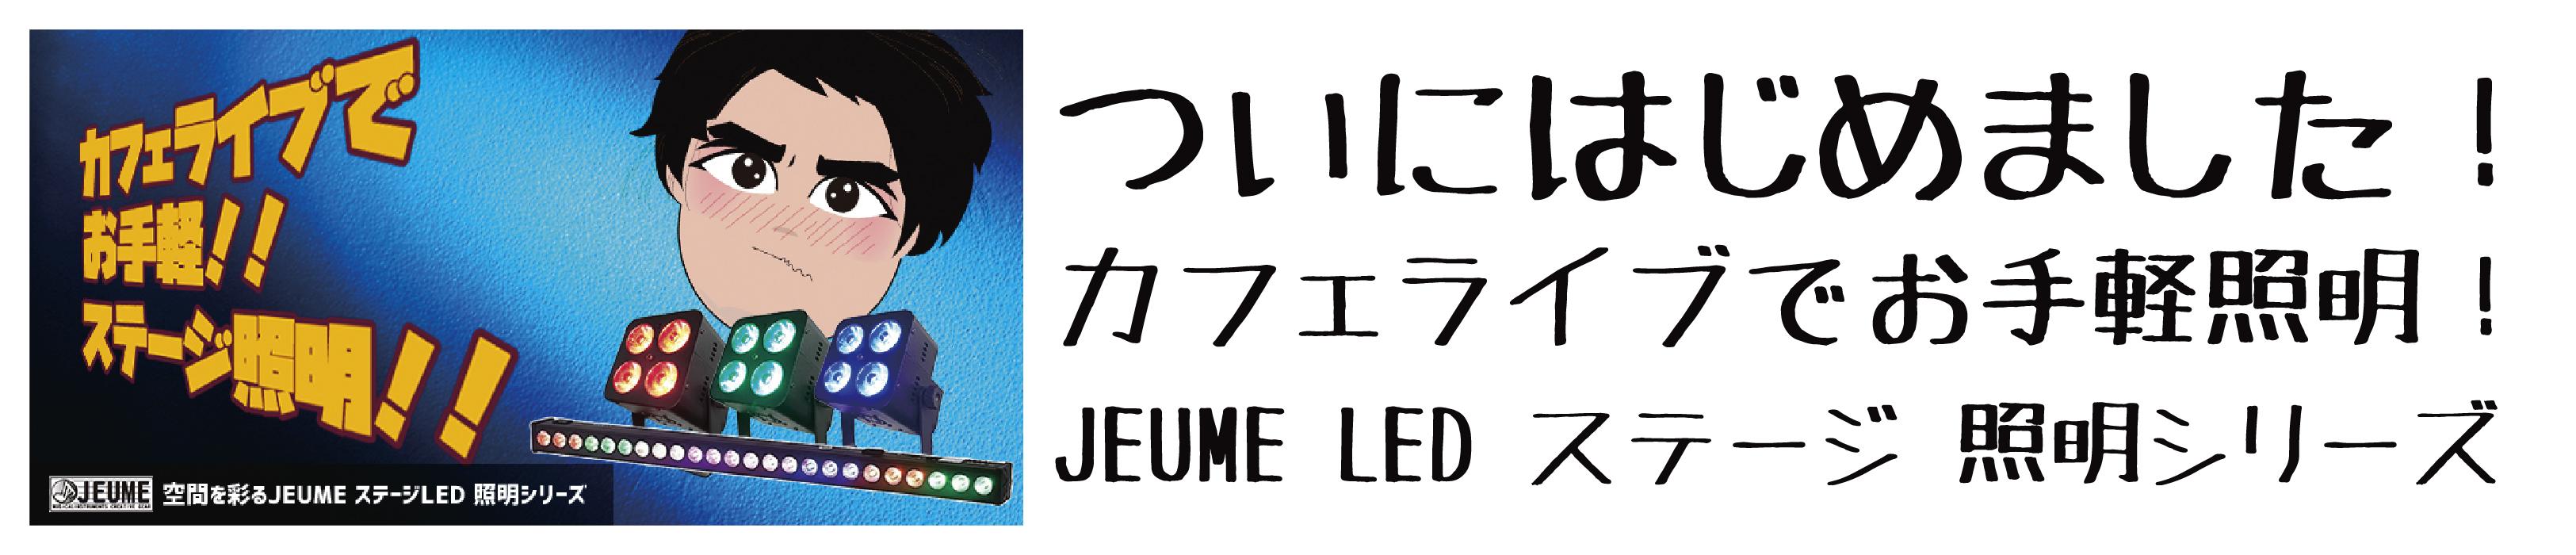 カフェライブでお手軽照明!JEUME LED ステージ 照明シリーズ